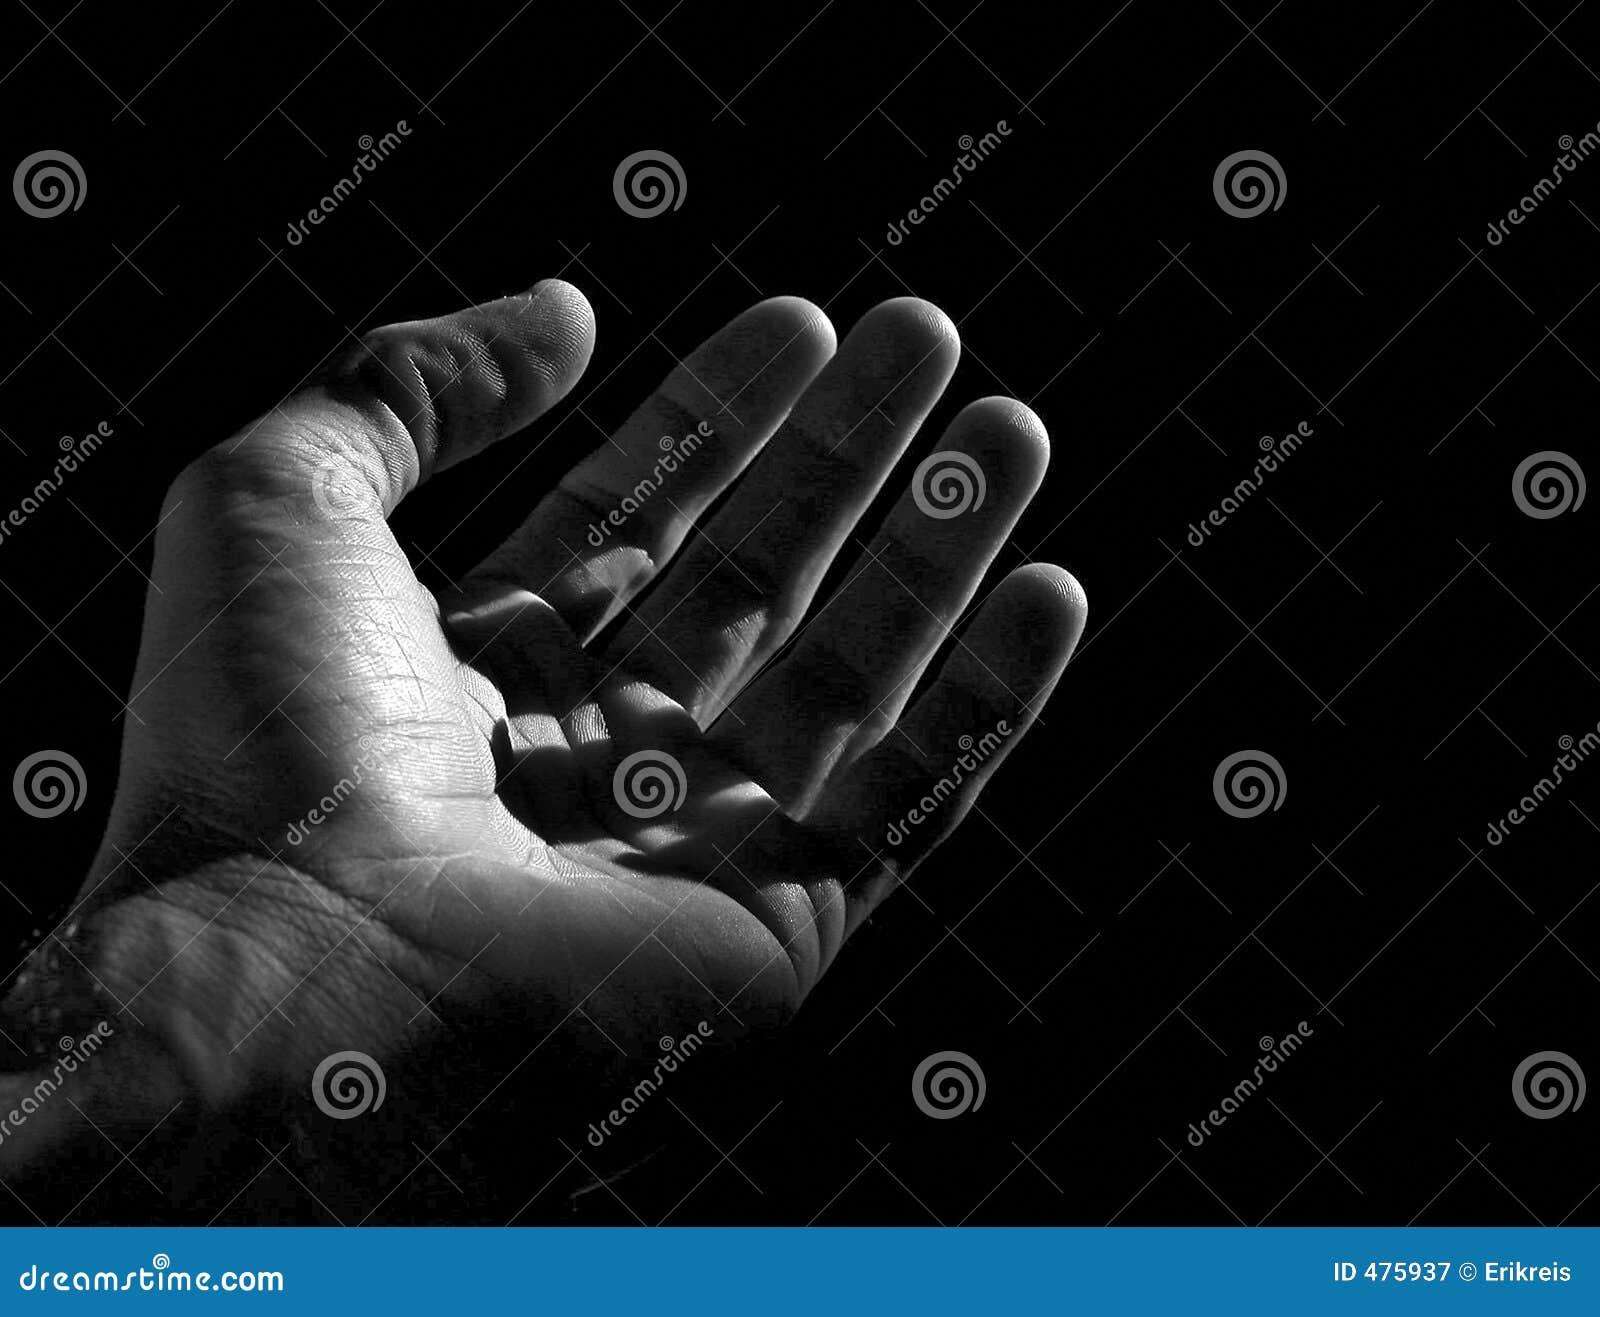 человек руки